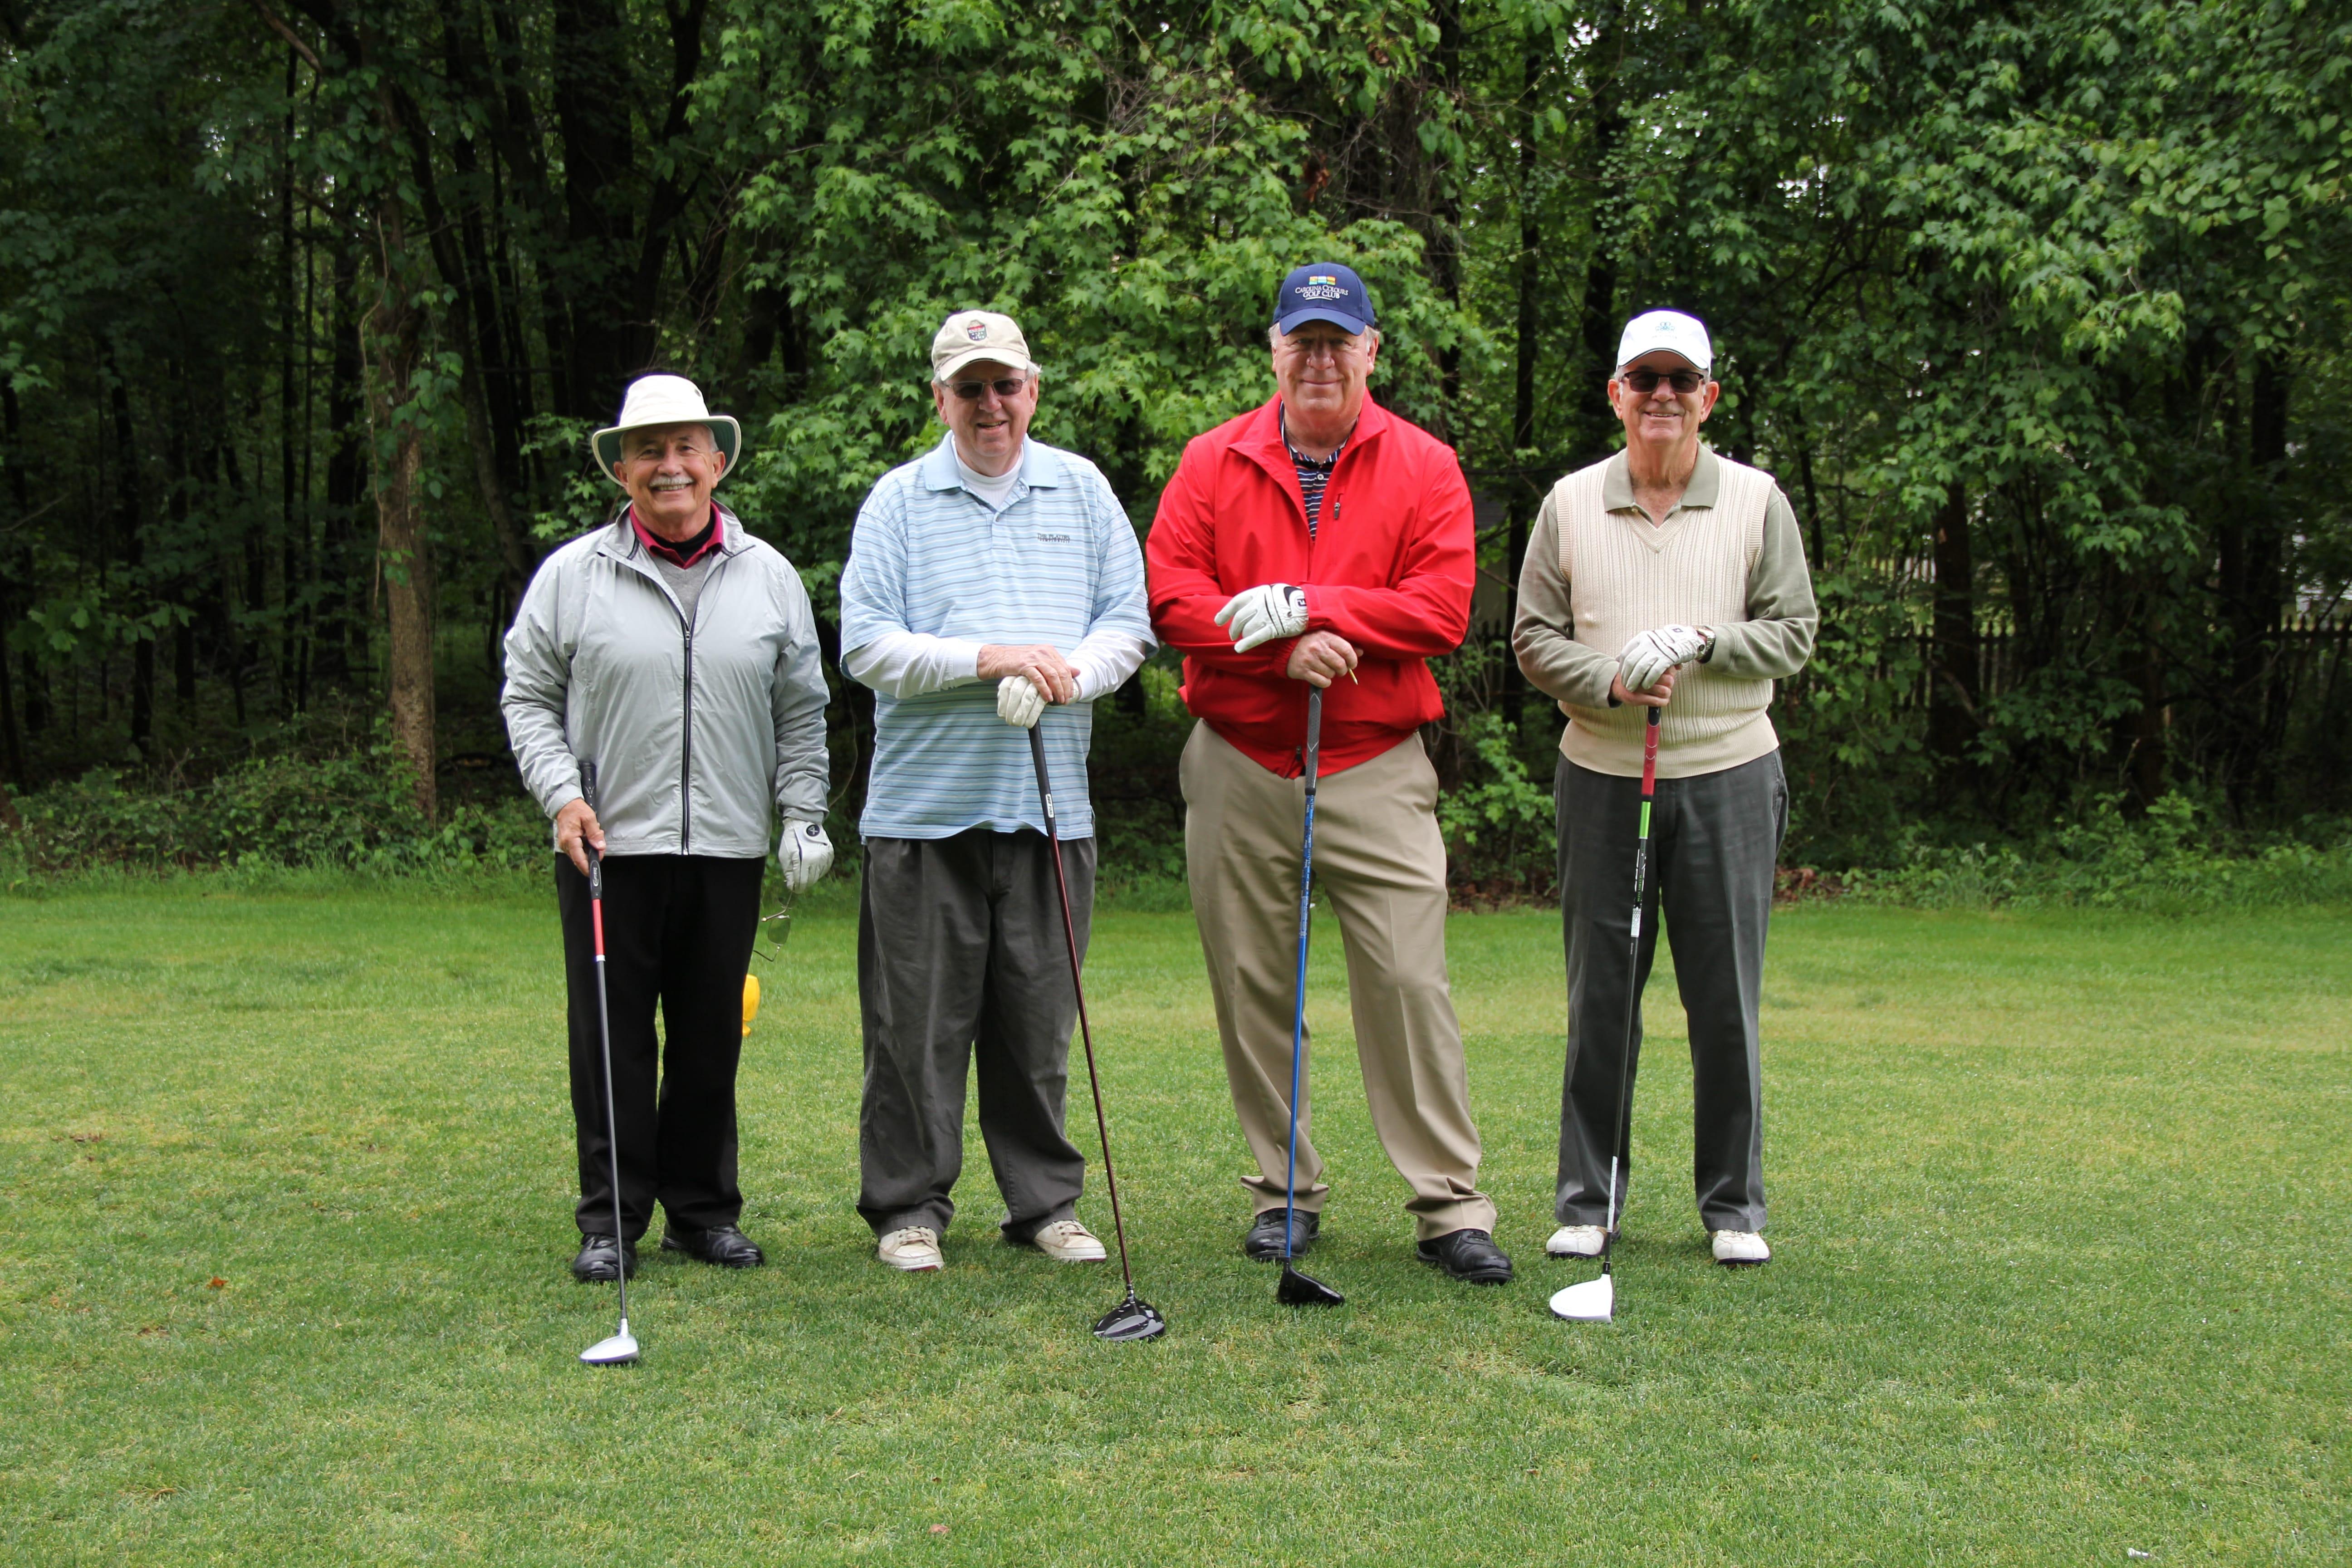 IMG_5899 - Team 1 - Buzz Shelley, Dave Van Alden, Doug Eddy, Dave Van Adlen